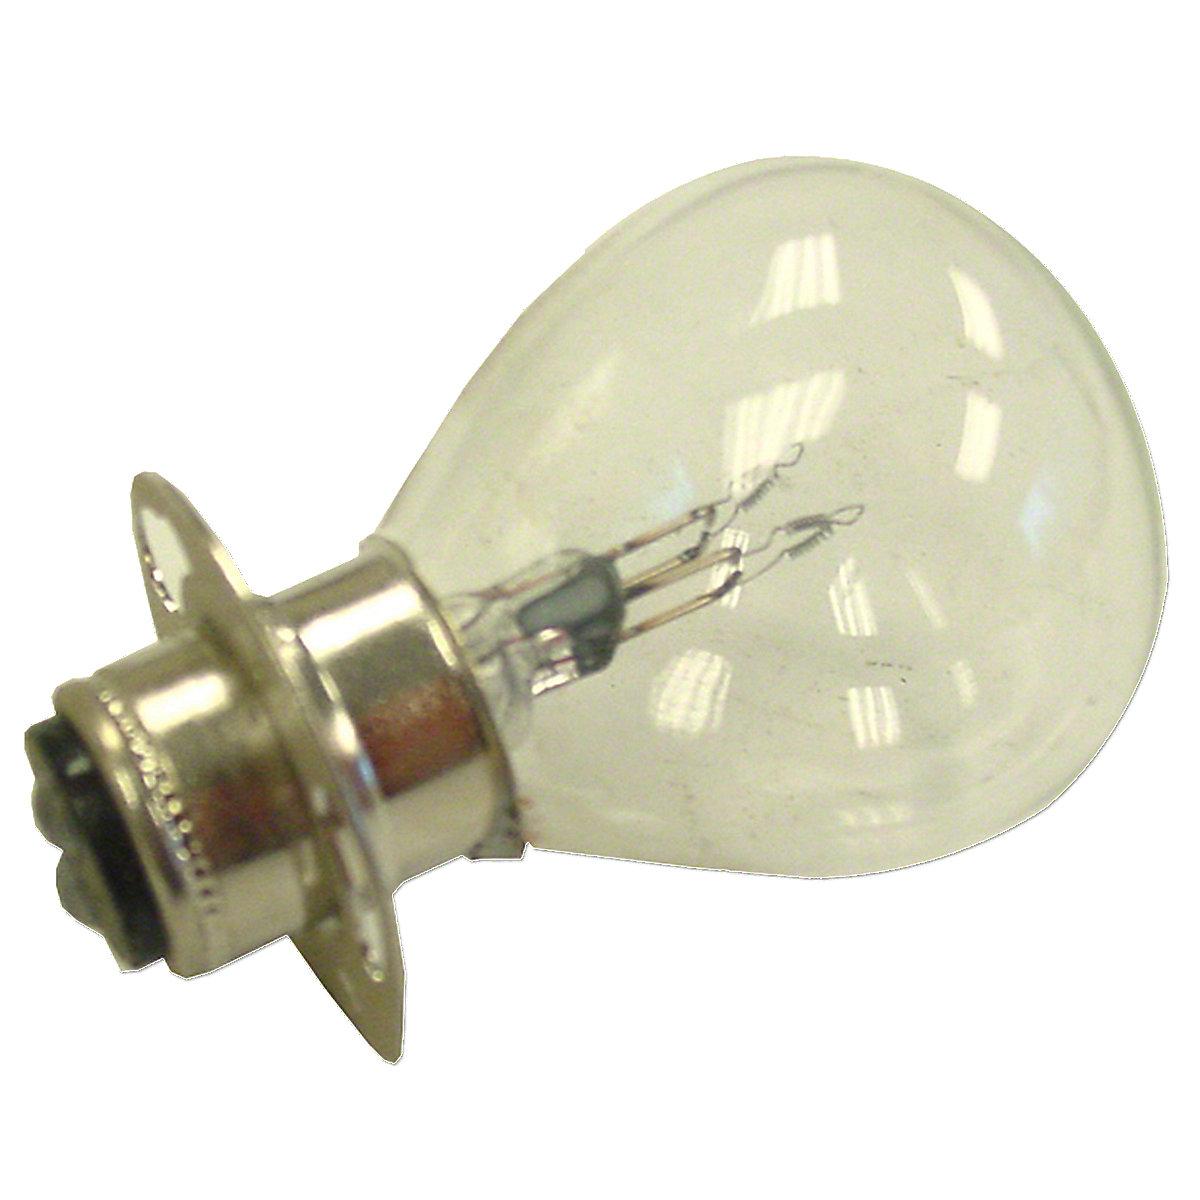 Six Volt Tractor Lights : Volt light bulb for oliver tractors parts